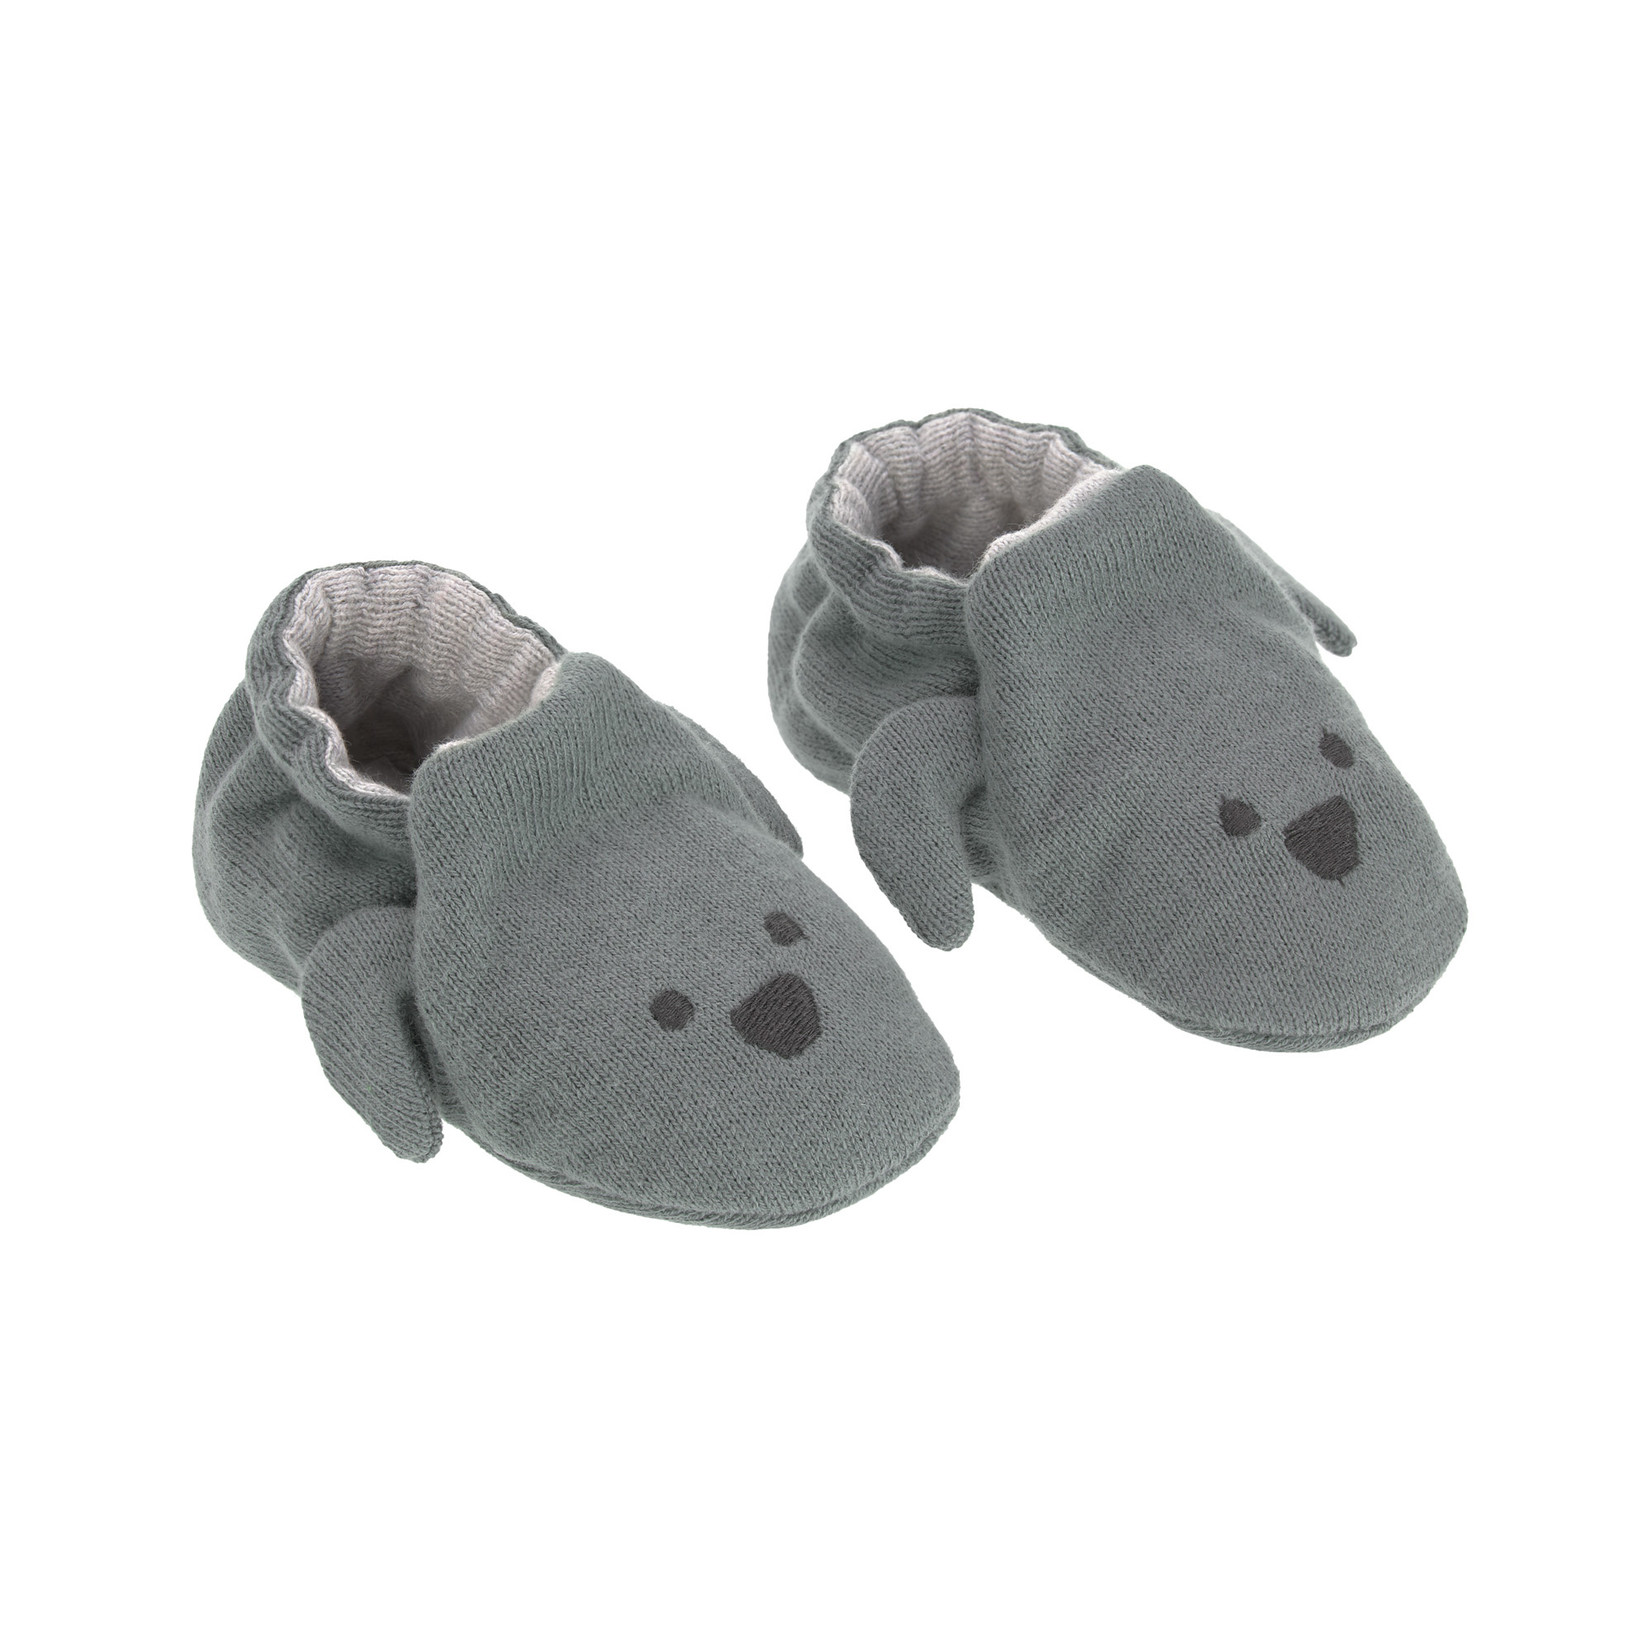 Lässig Fashion Bezaubernde Babyschuhe aus 100 % Bio-Baumwolle | Hündchen-Motiv